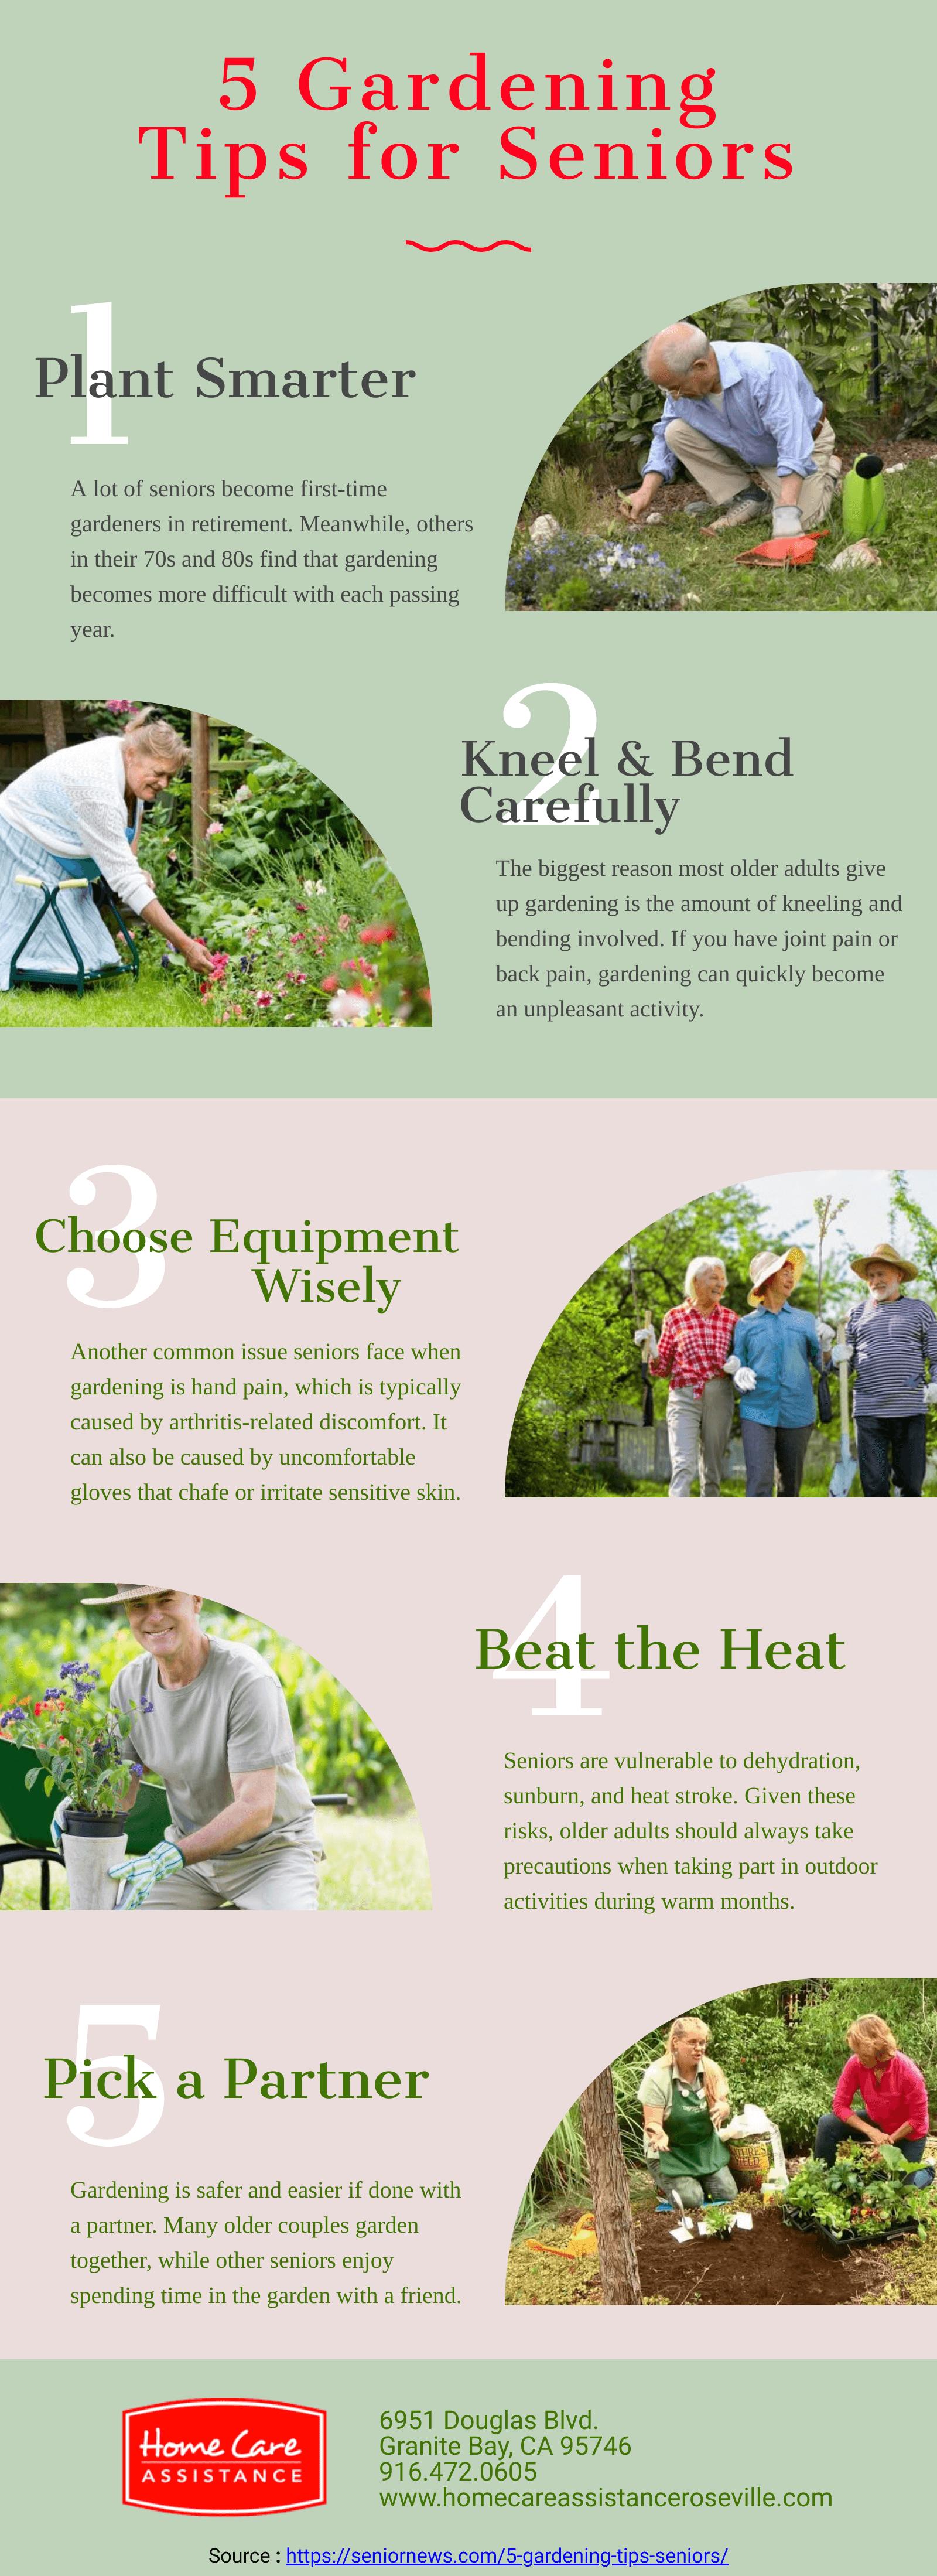 5 Gardening Tips for Seniors [Infographic]